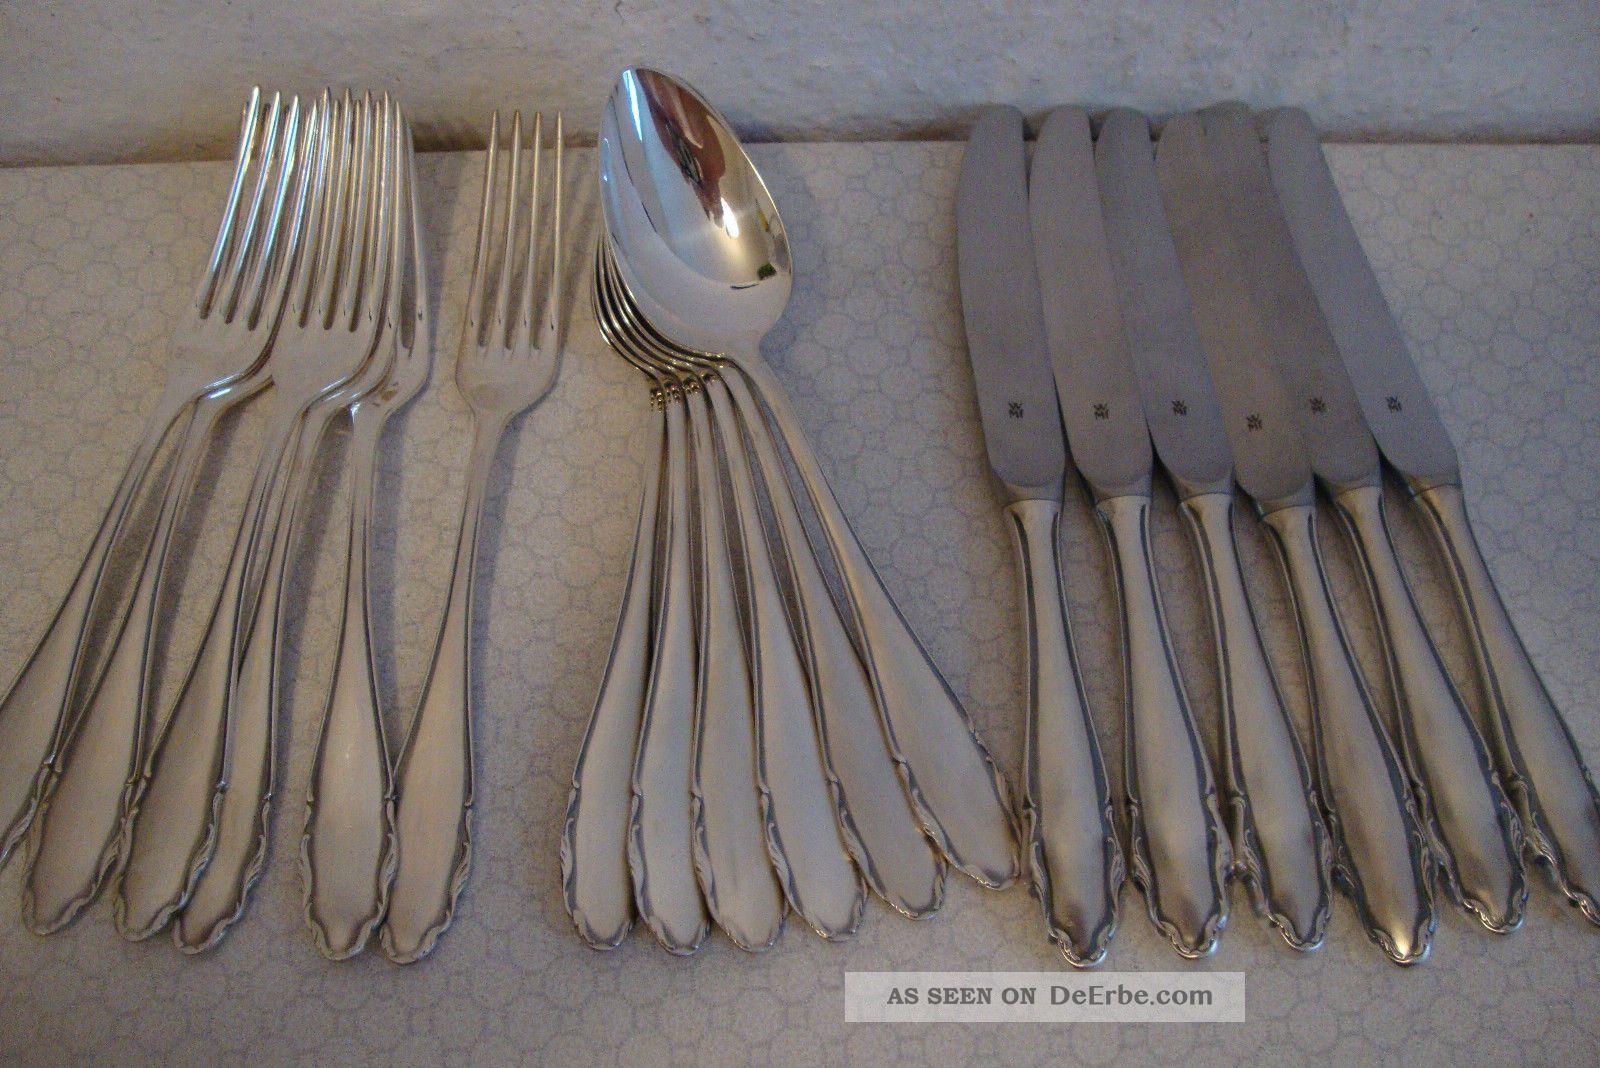 18 Teiliges Wmf Besteck Silber Auflage 90 Selten Messer Gabeln Loffel